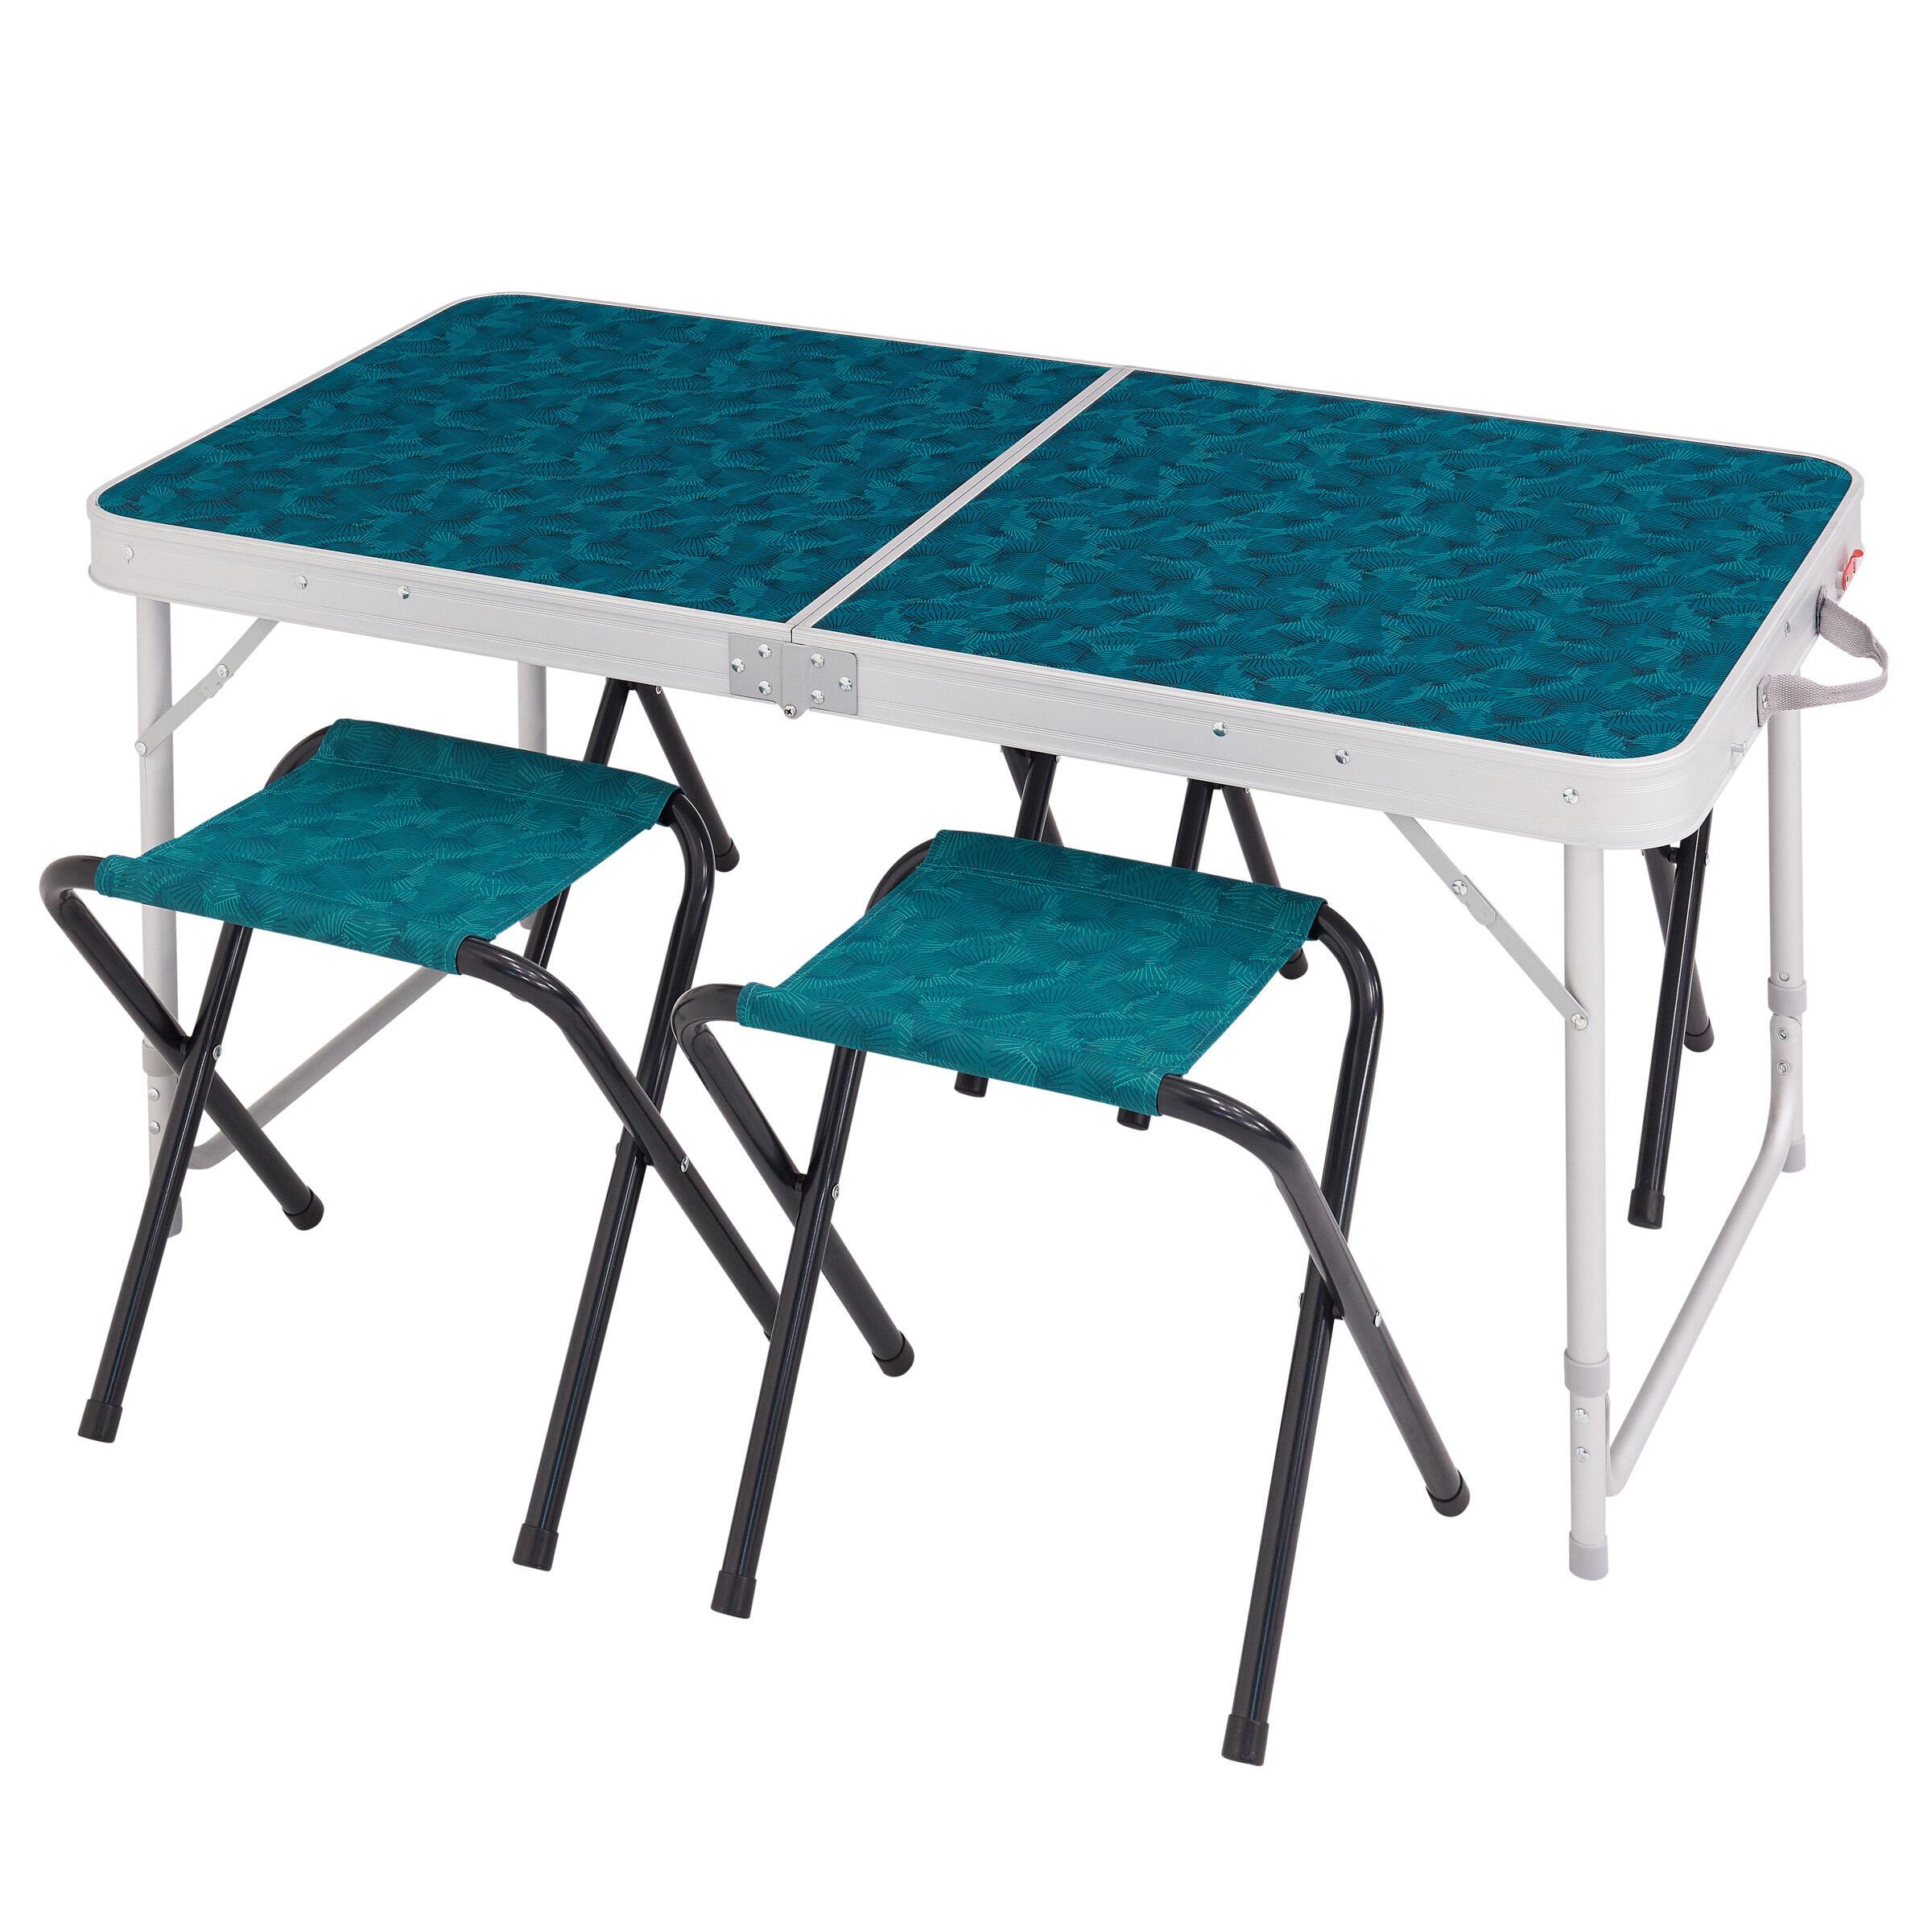 Avec De Tabourets Pliante 4 Camping Table wXlPZOkiTu